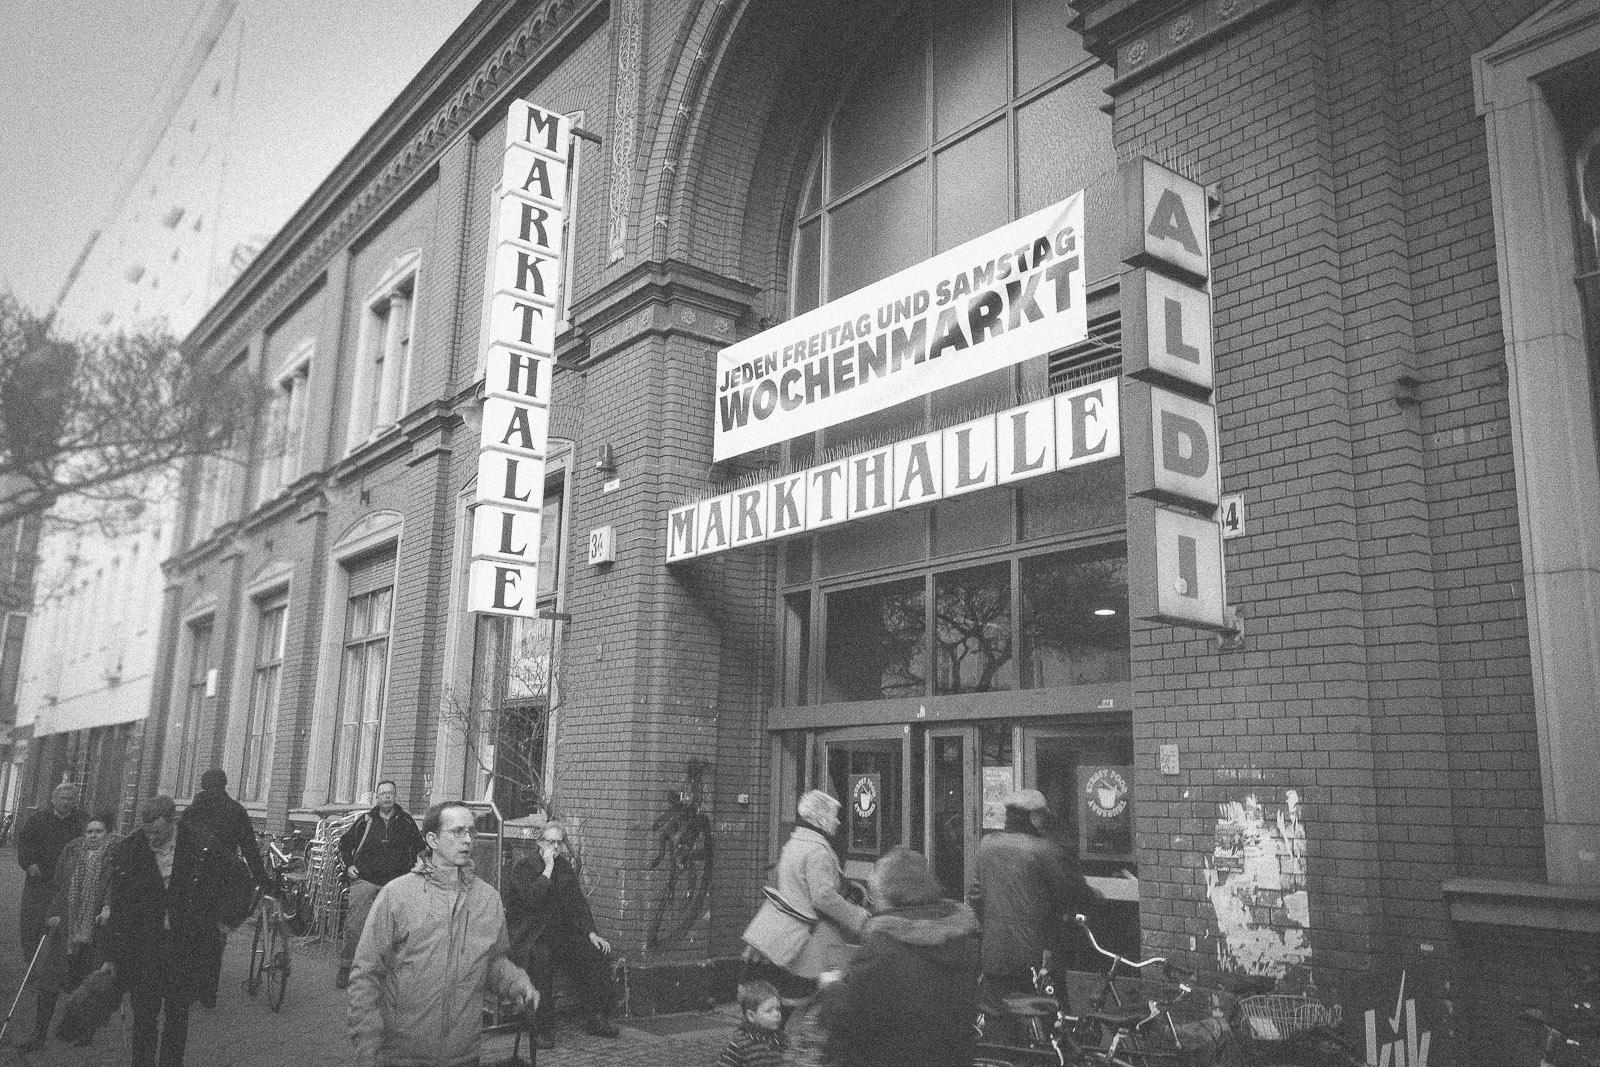 Berlin – street food market